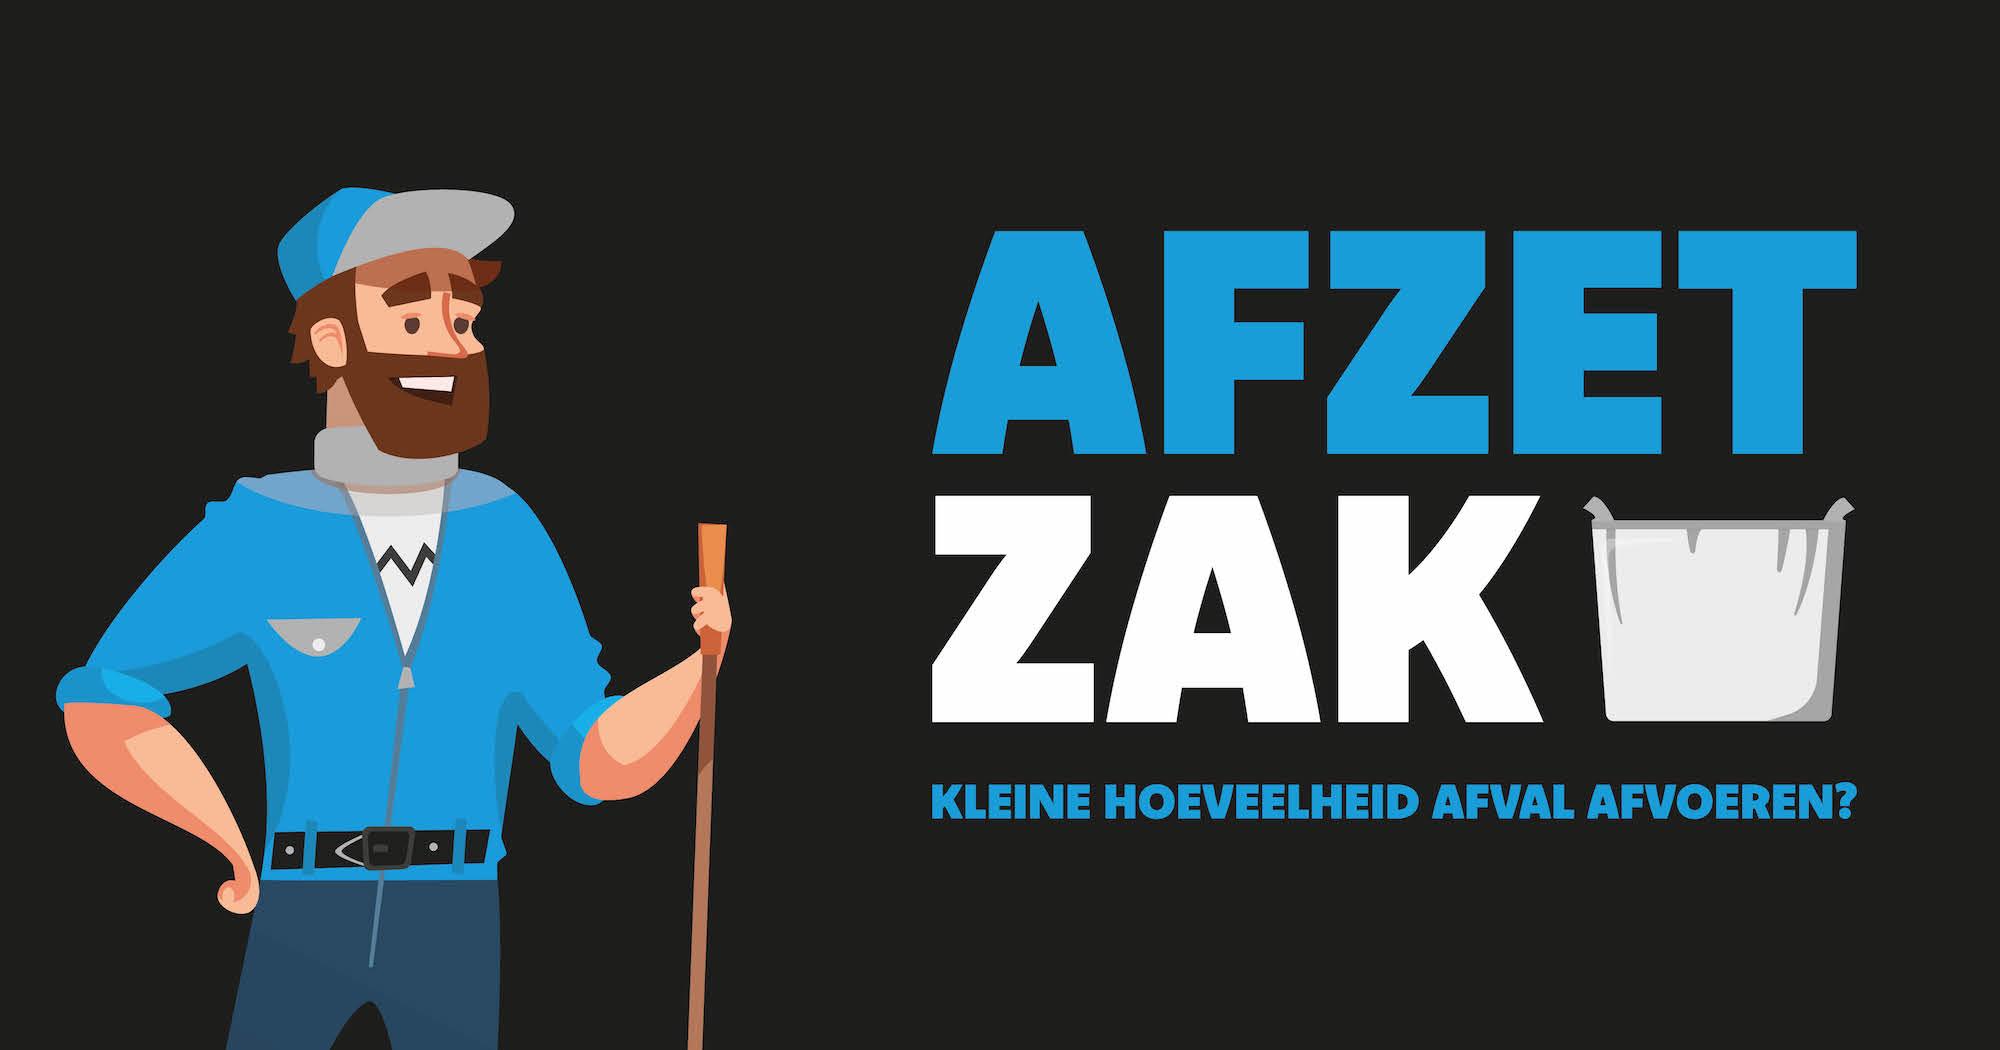 Afzetzak - GoedkopeAfvalcontainerHuren.nl